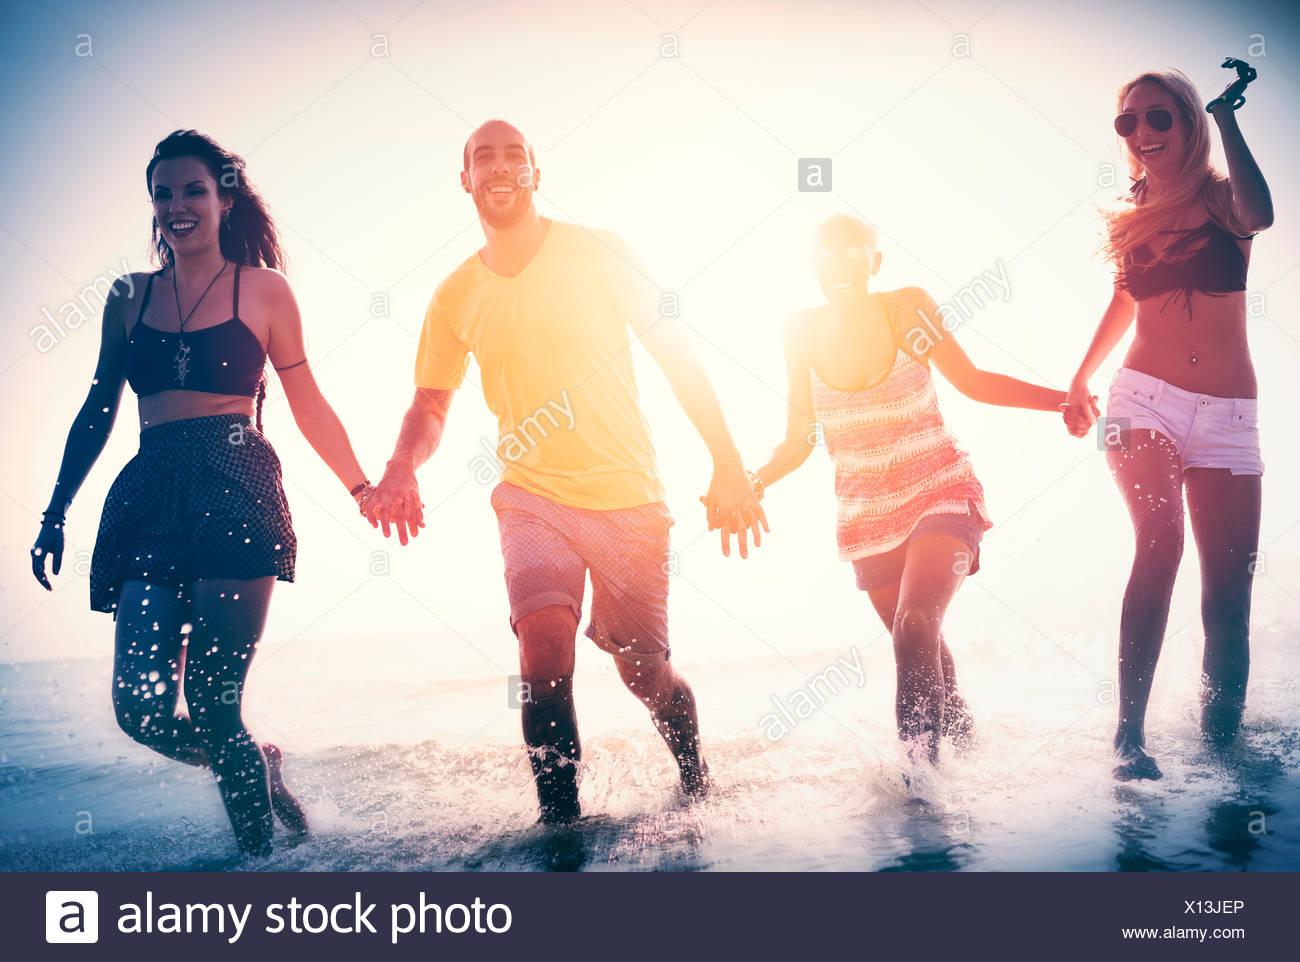 La liberté d'amitié Beach Des vacances Concept Photo Stock